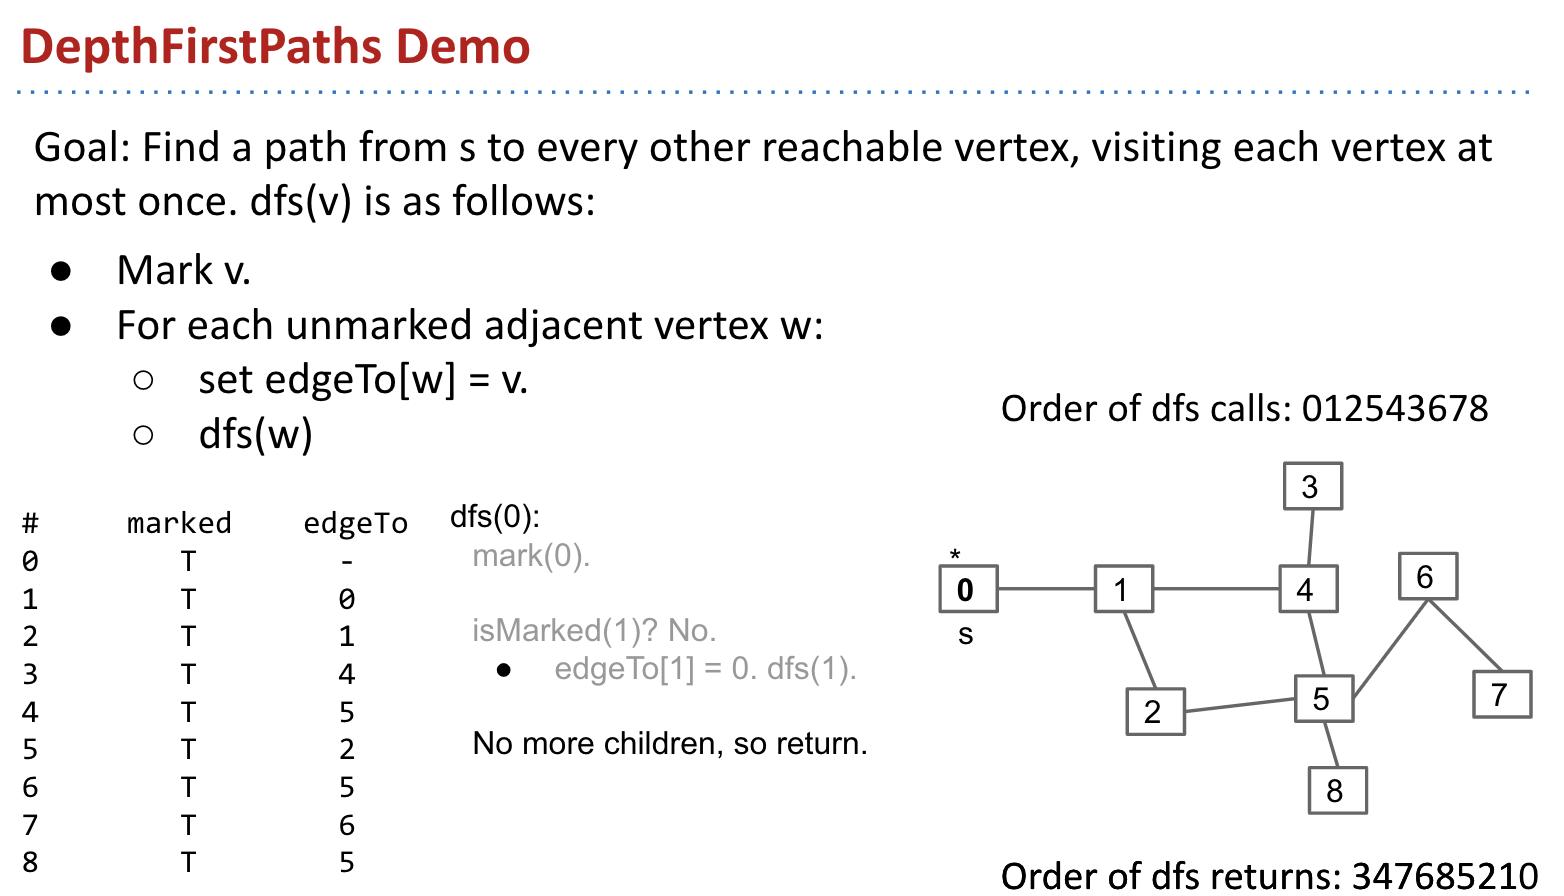 DepthFirstPaths Demo